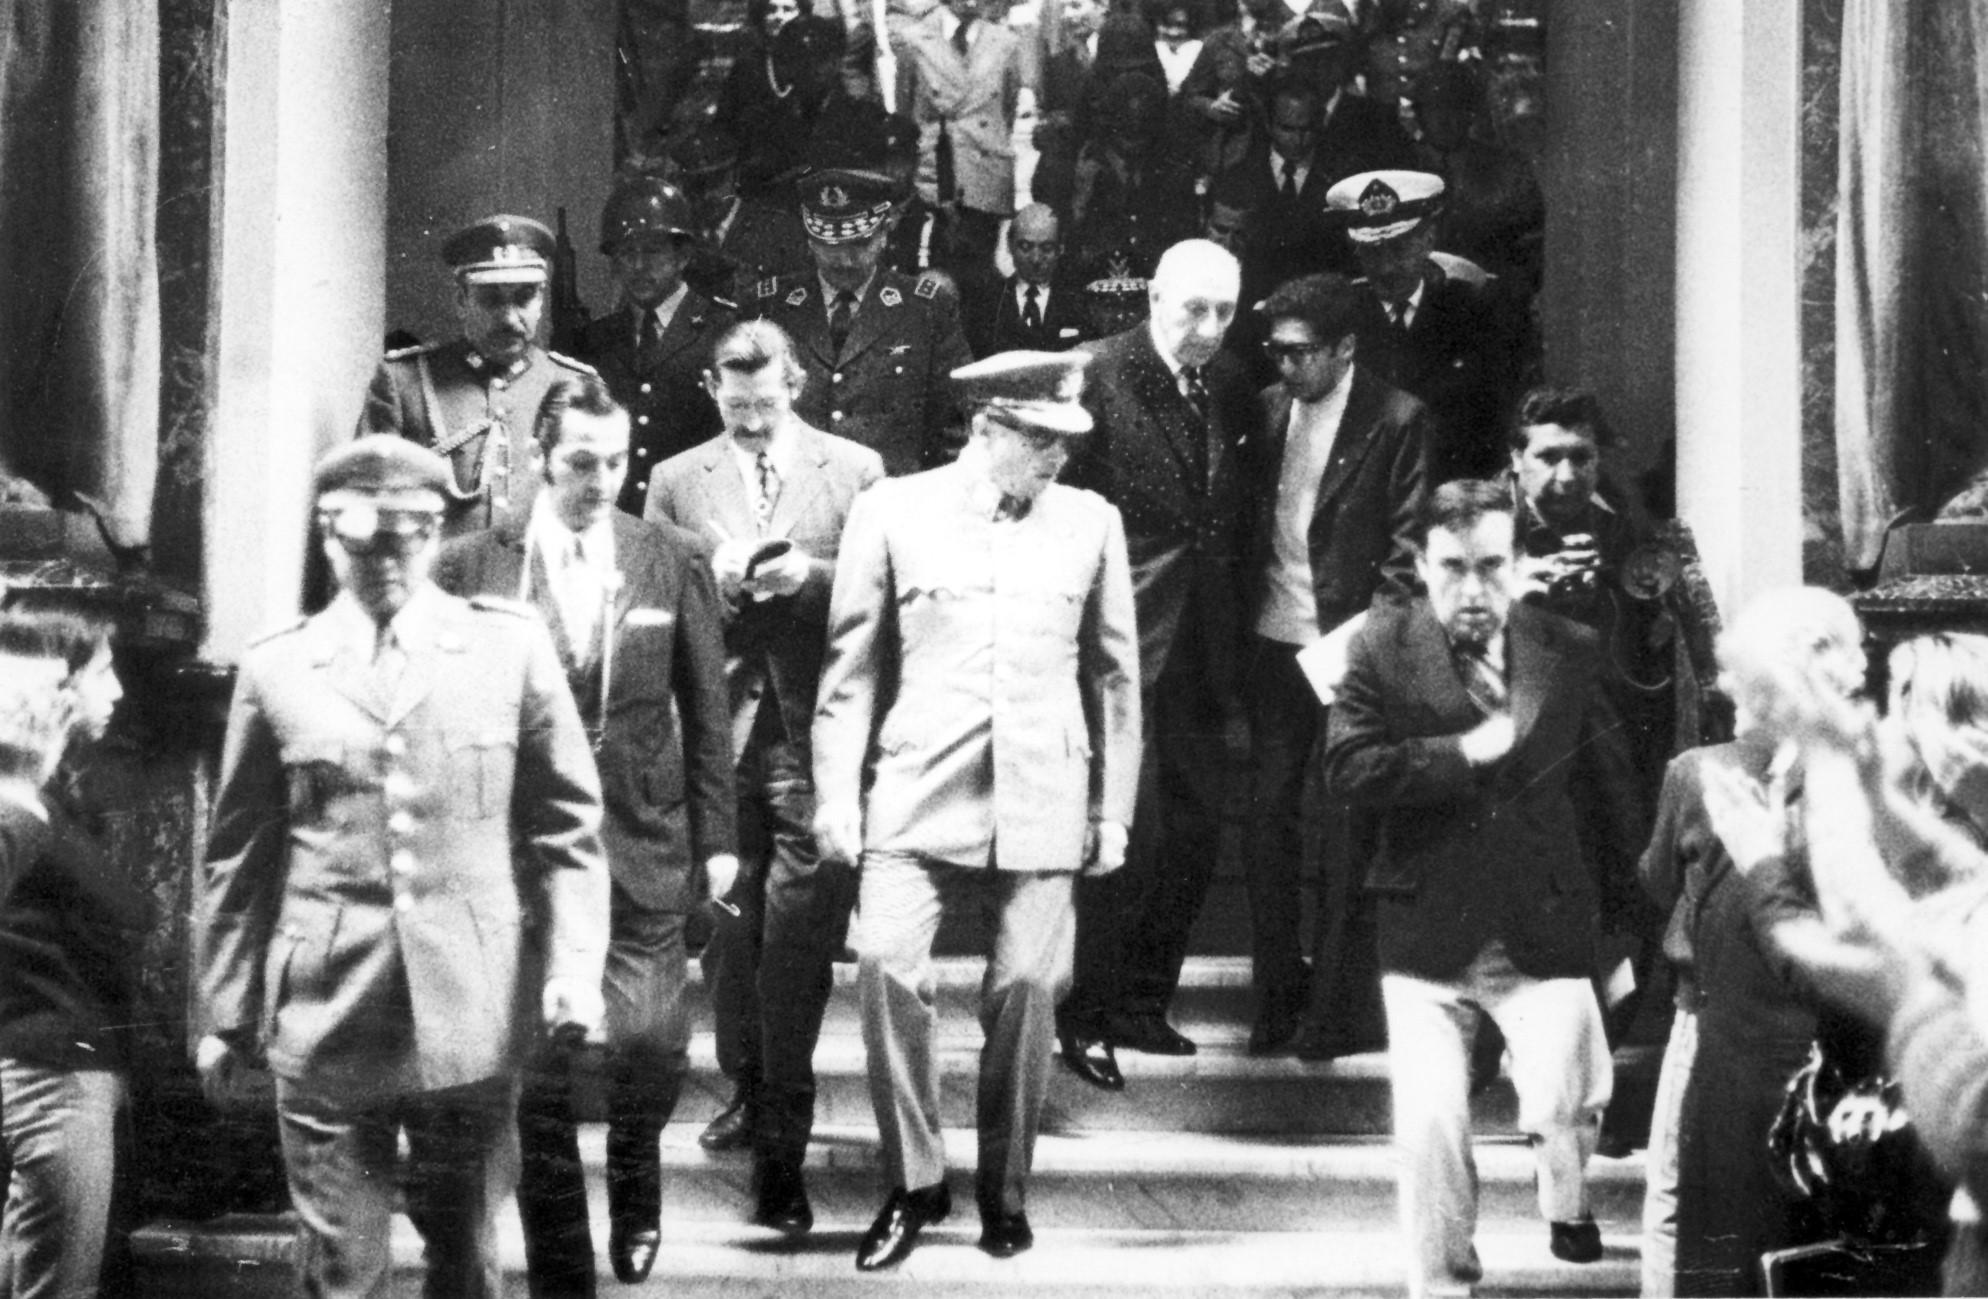 Pinochet abandona el Palacio de los Tribunales luego de una visita a la Corte Suprema. Atrás el ministro Urrutia Manzano y de lentes el periodista Otón Gutiérrez